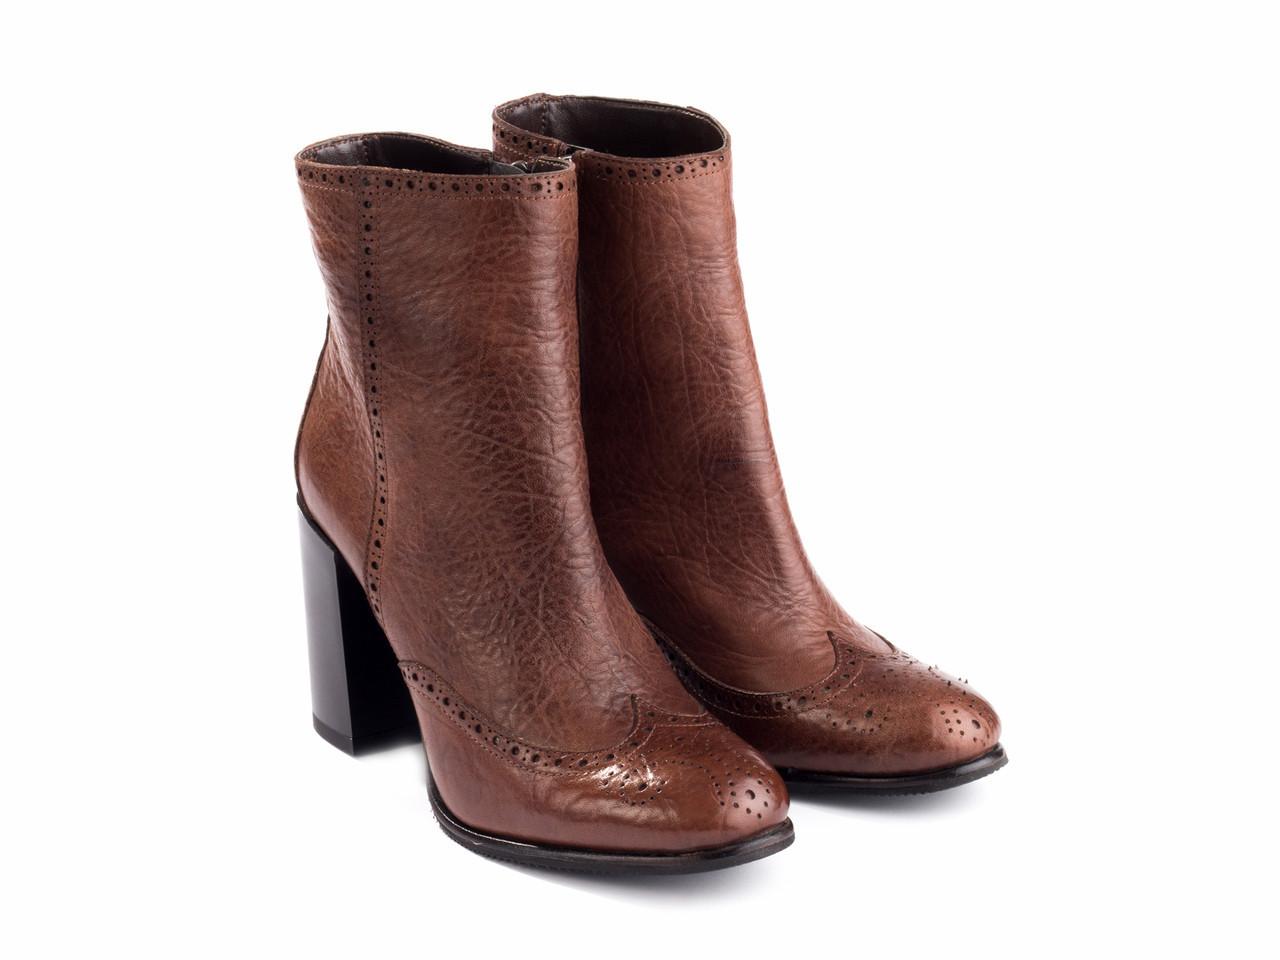 Ботинки Etor 5670-012-1440-1 37 коричневые